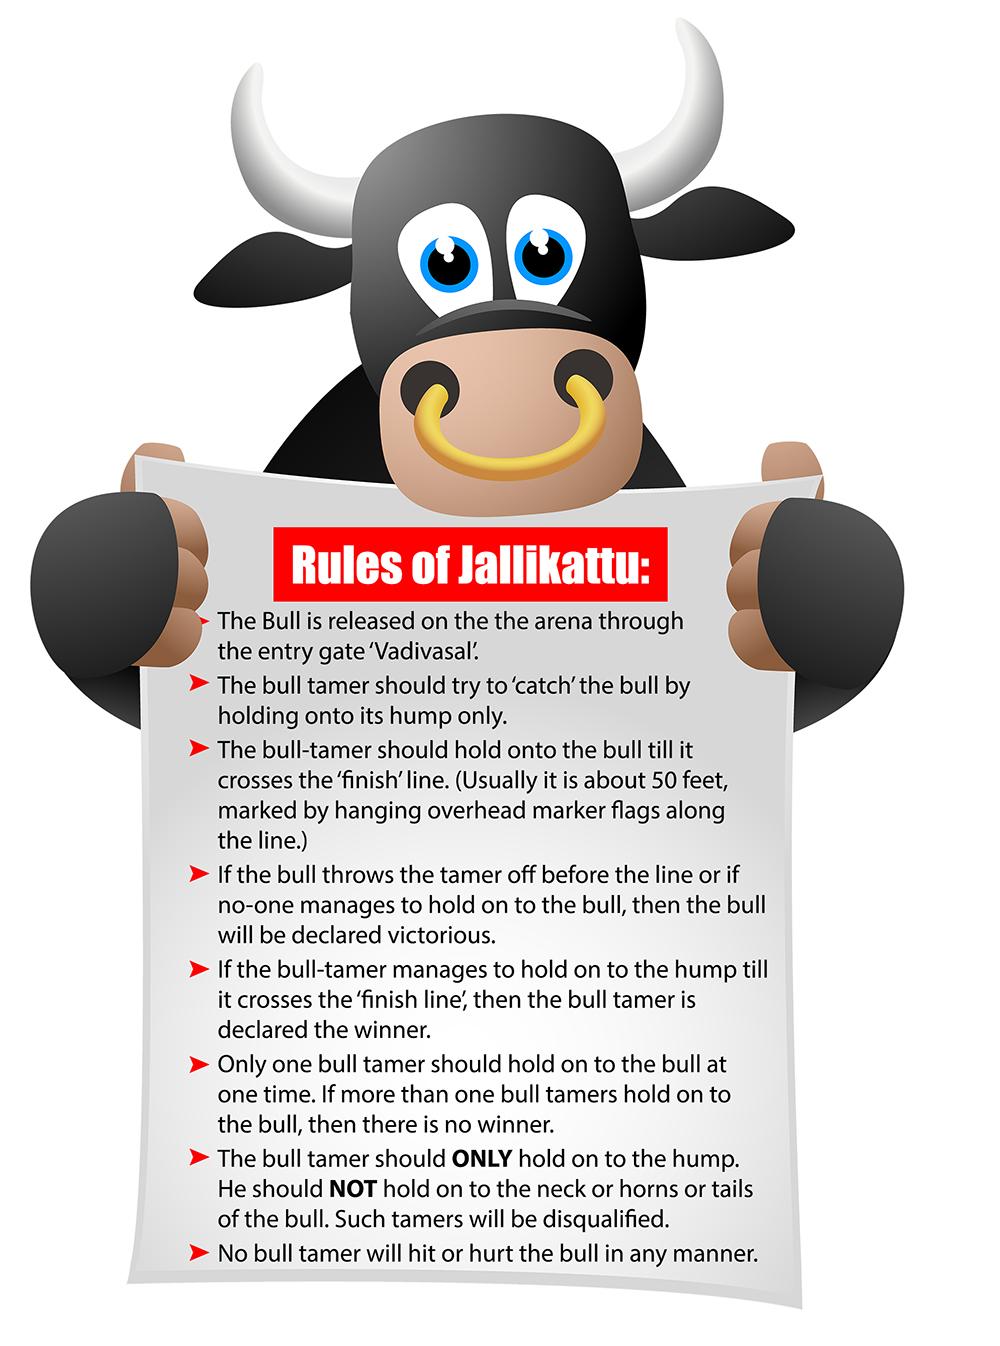 rules_of_jallikattu